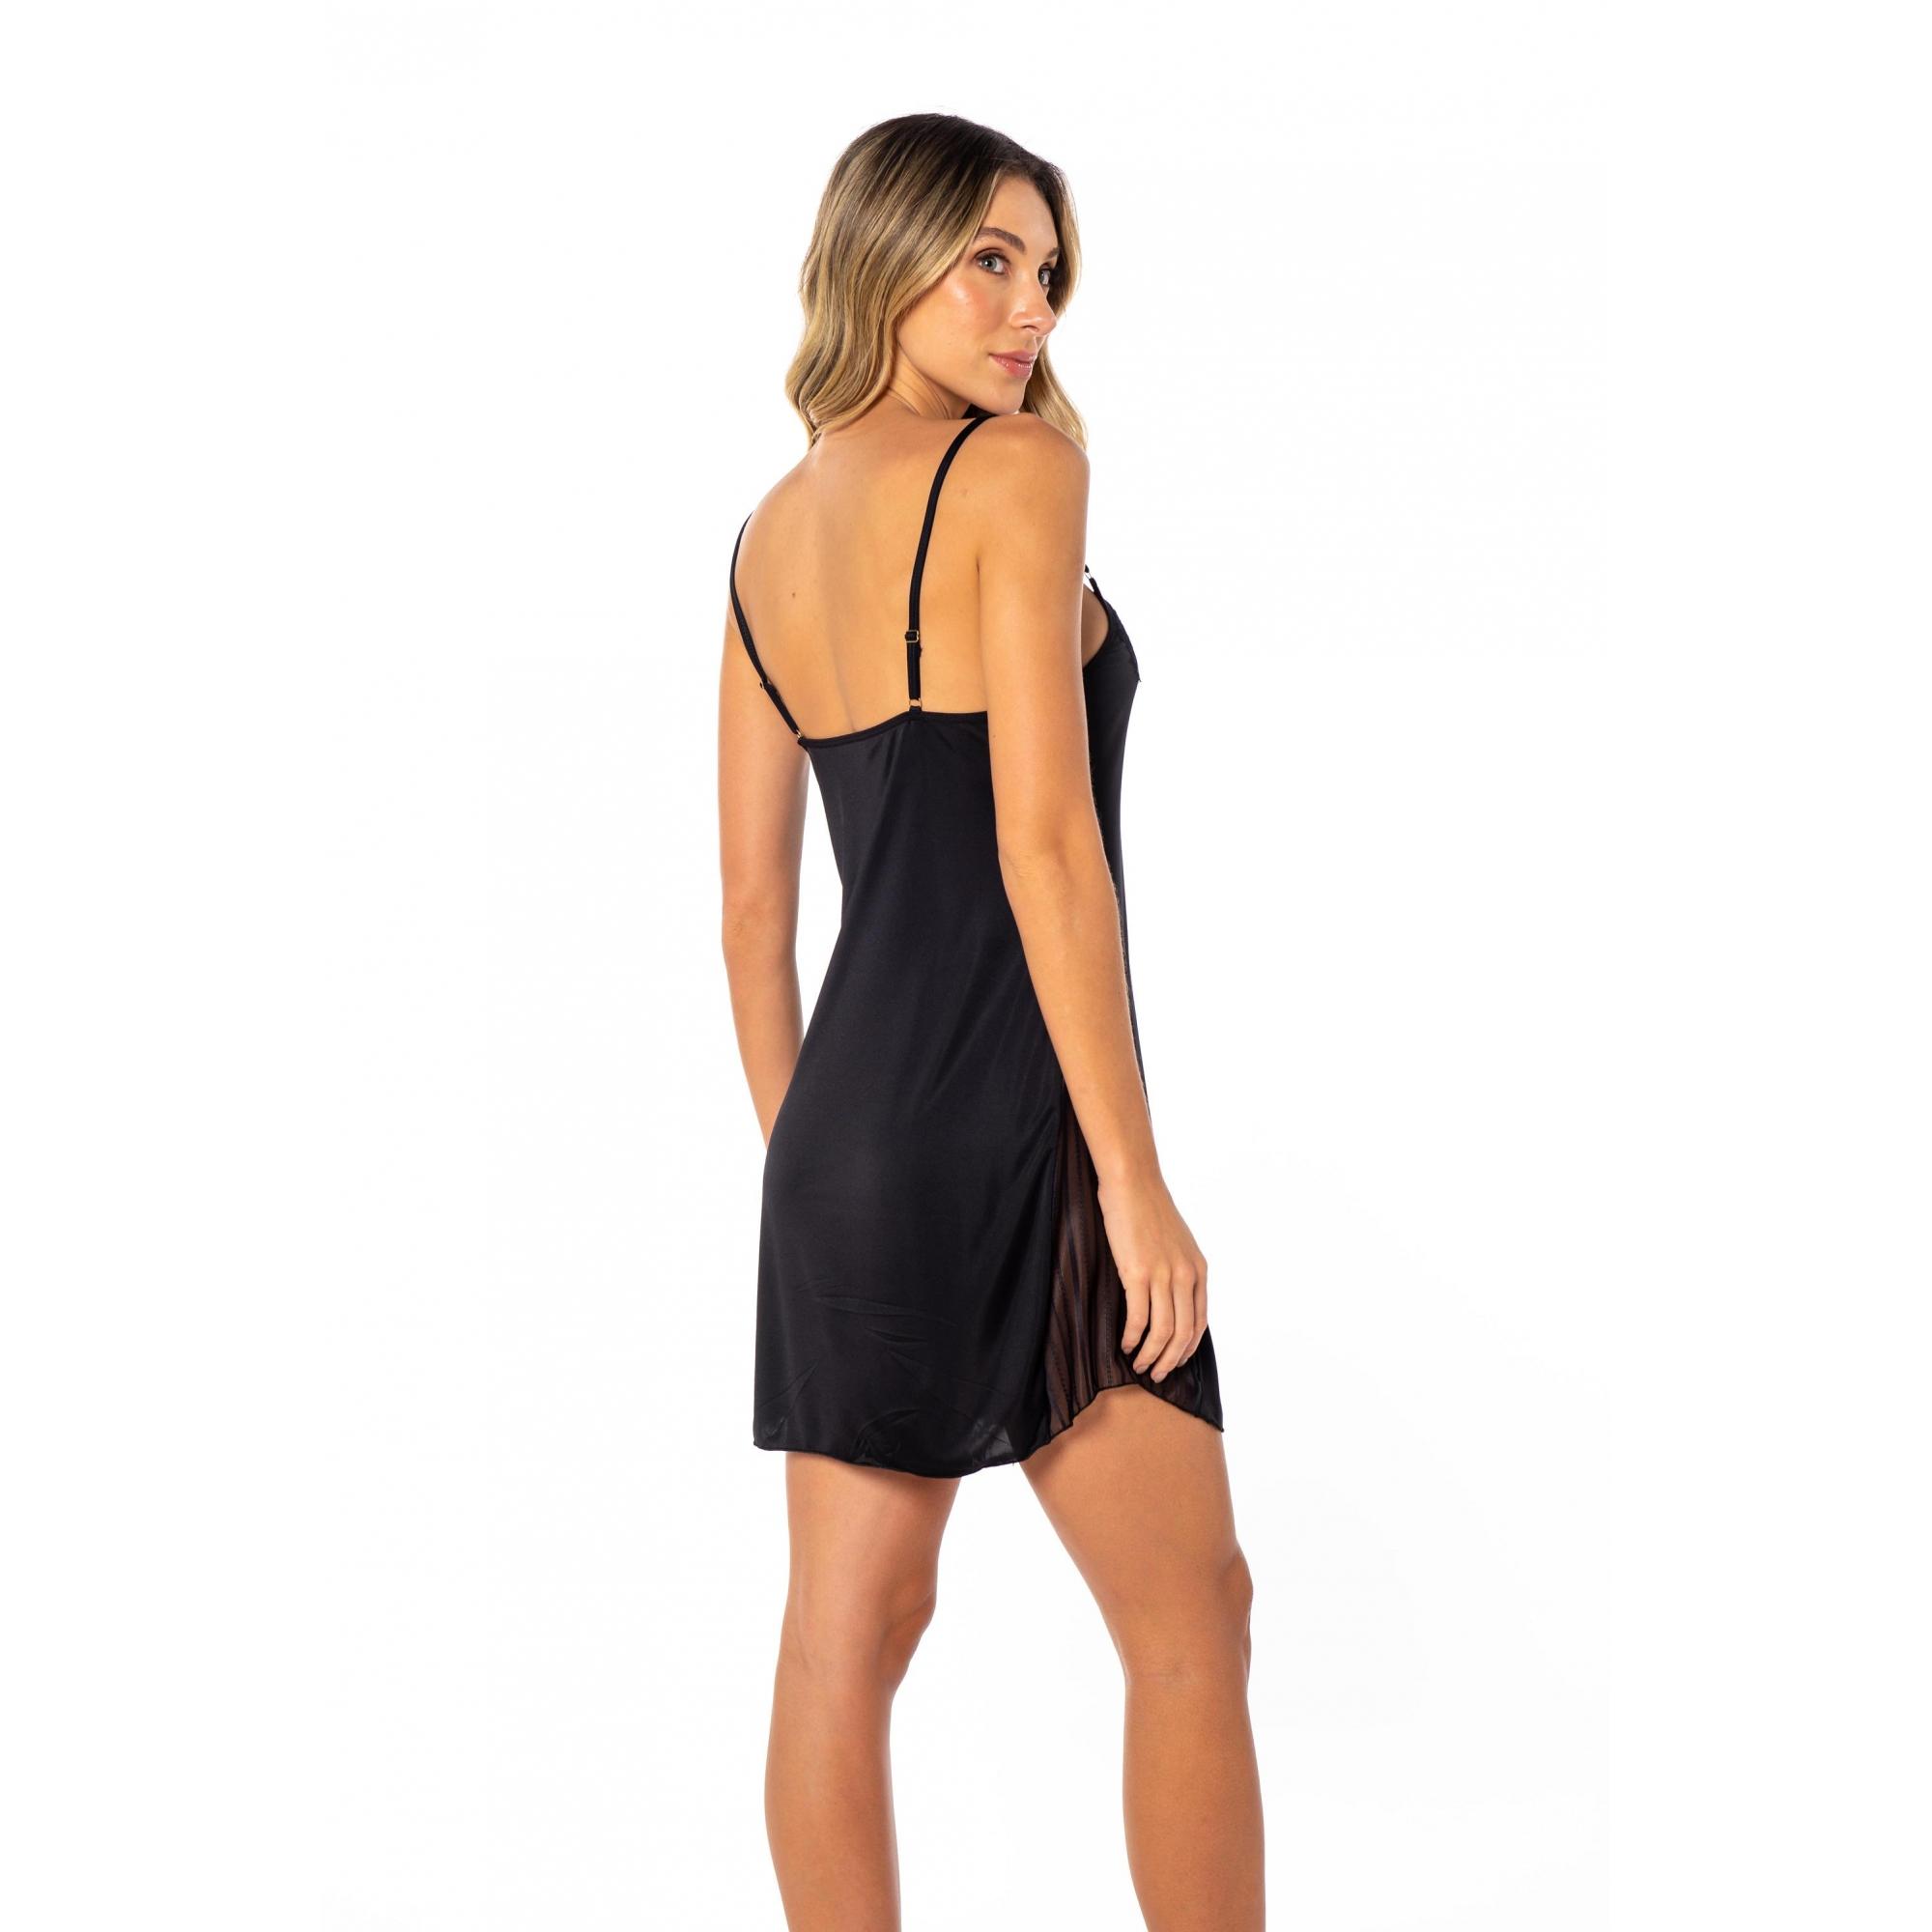 Camisola sensual em liganete com detalhes em renda e tule